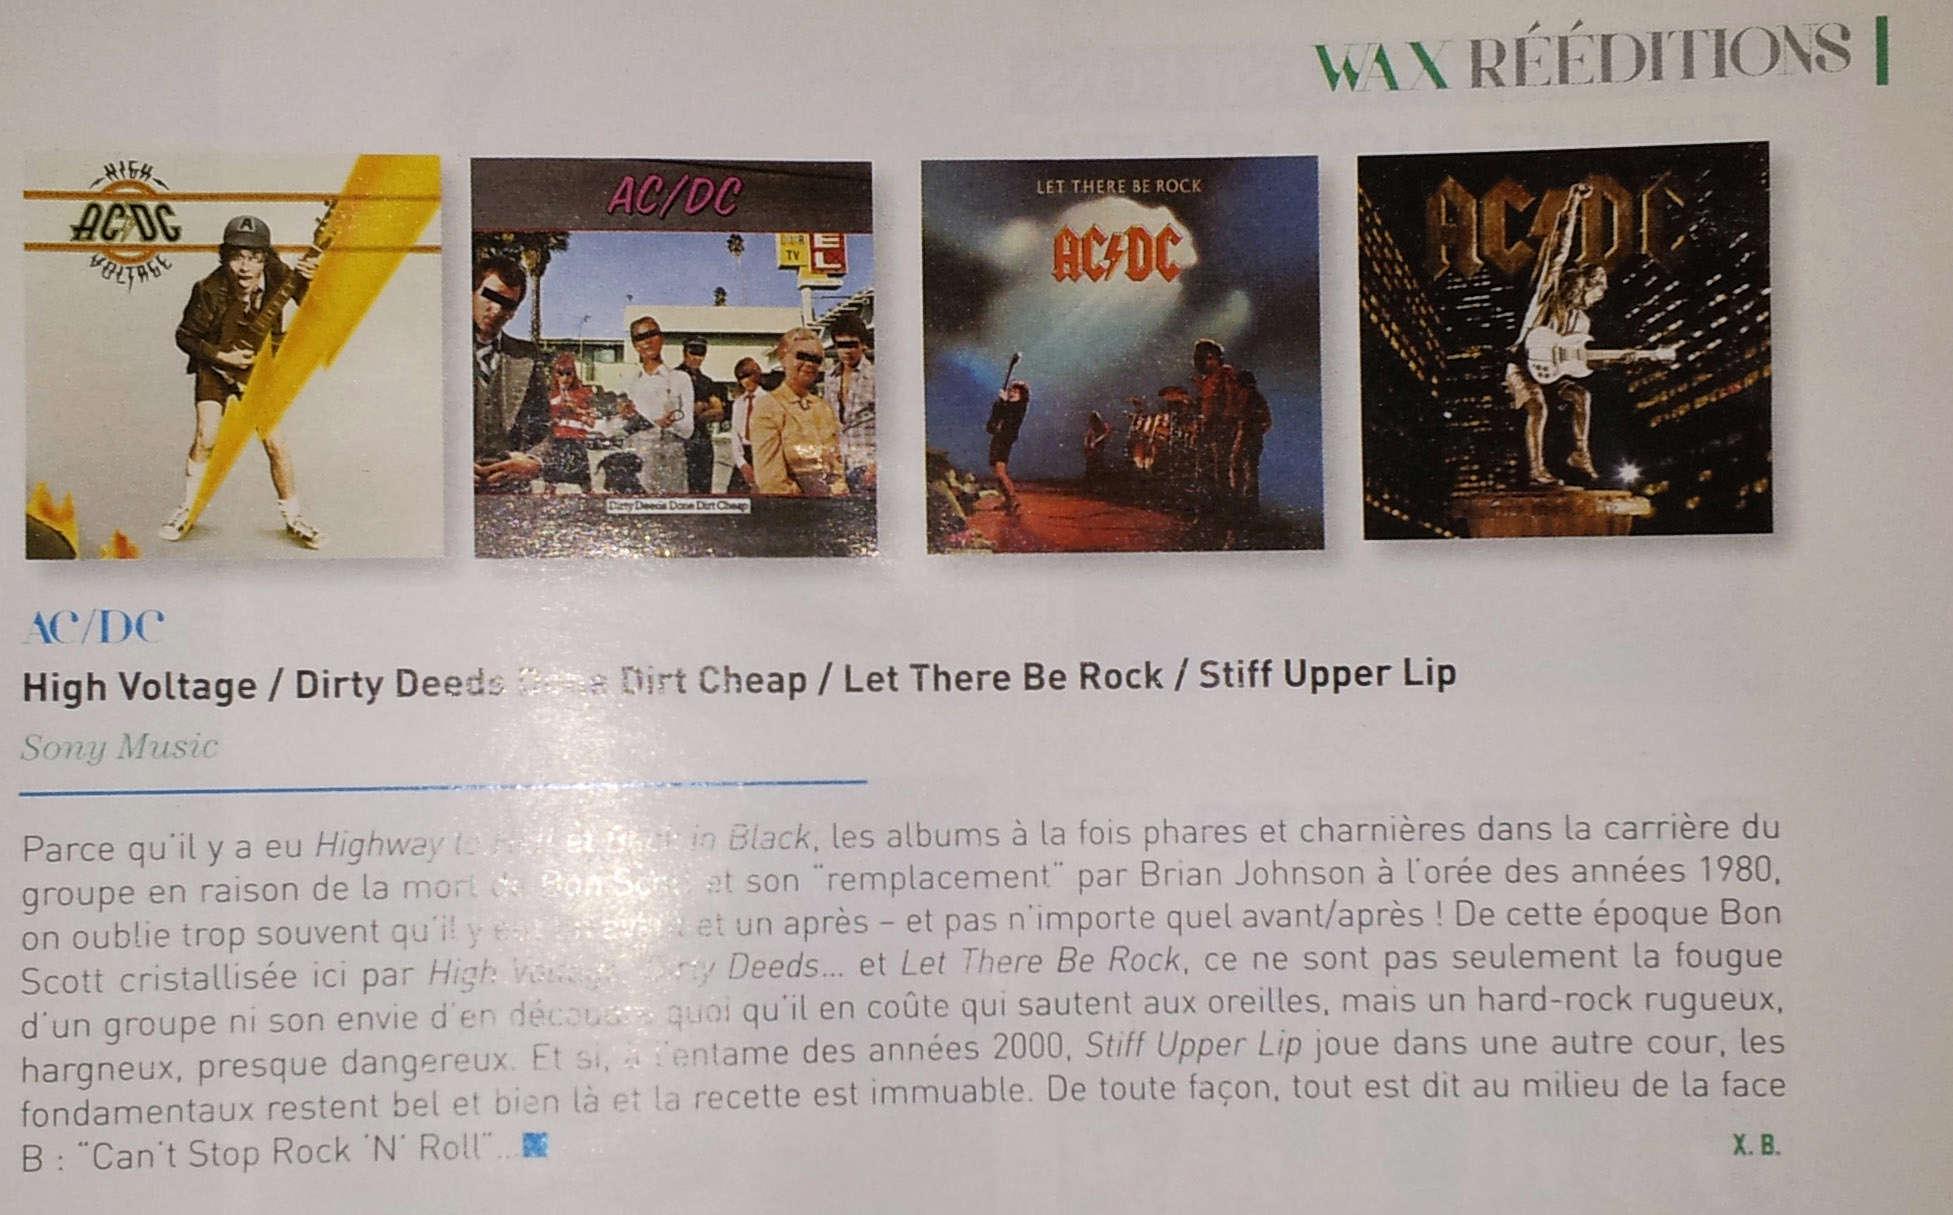 WAX toute l'actualité du vinyle  Octobre/Novembre 2017 offert chez CULTURA 112